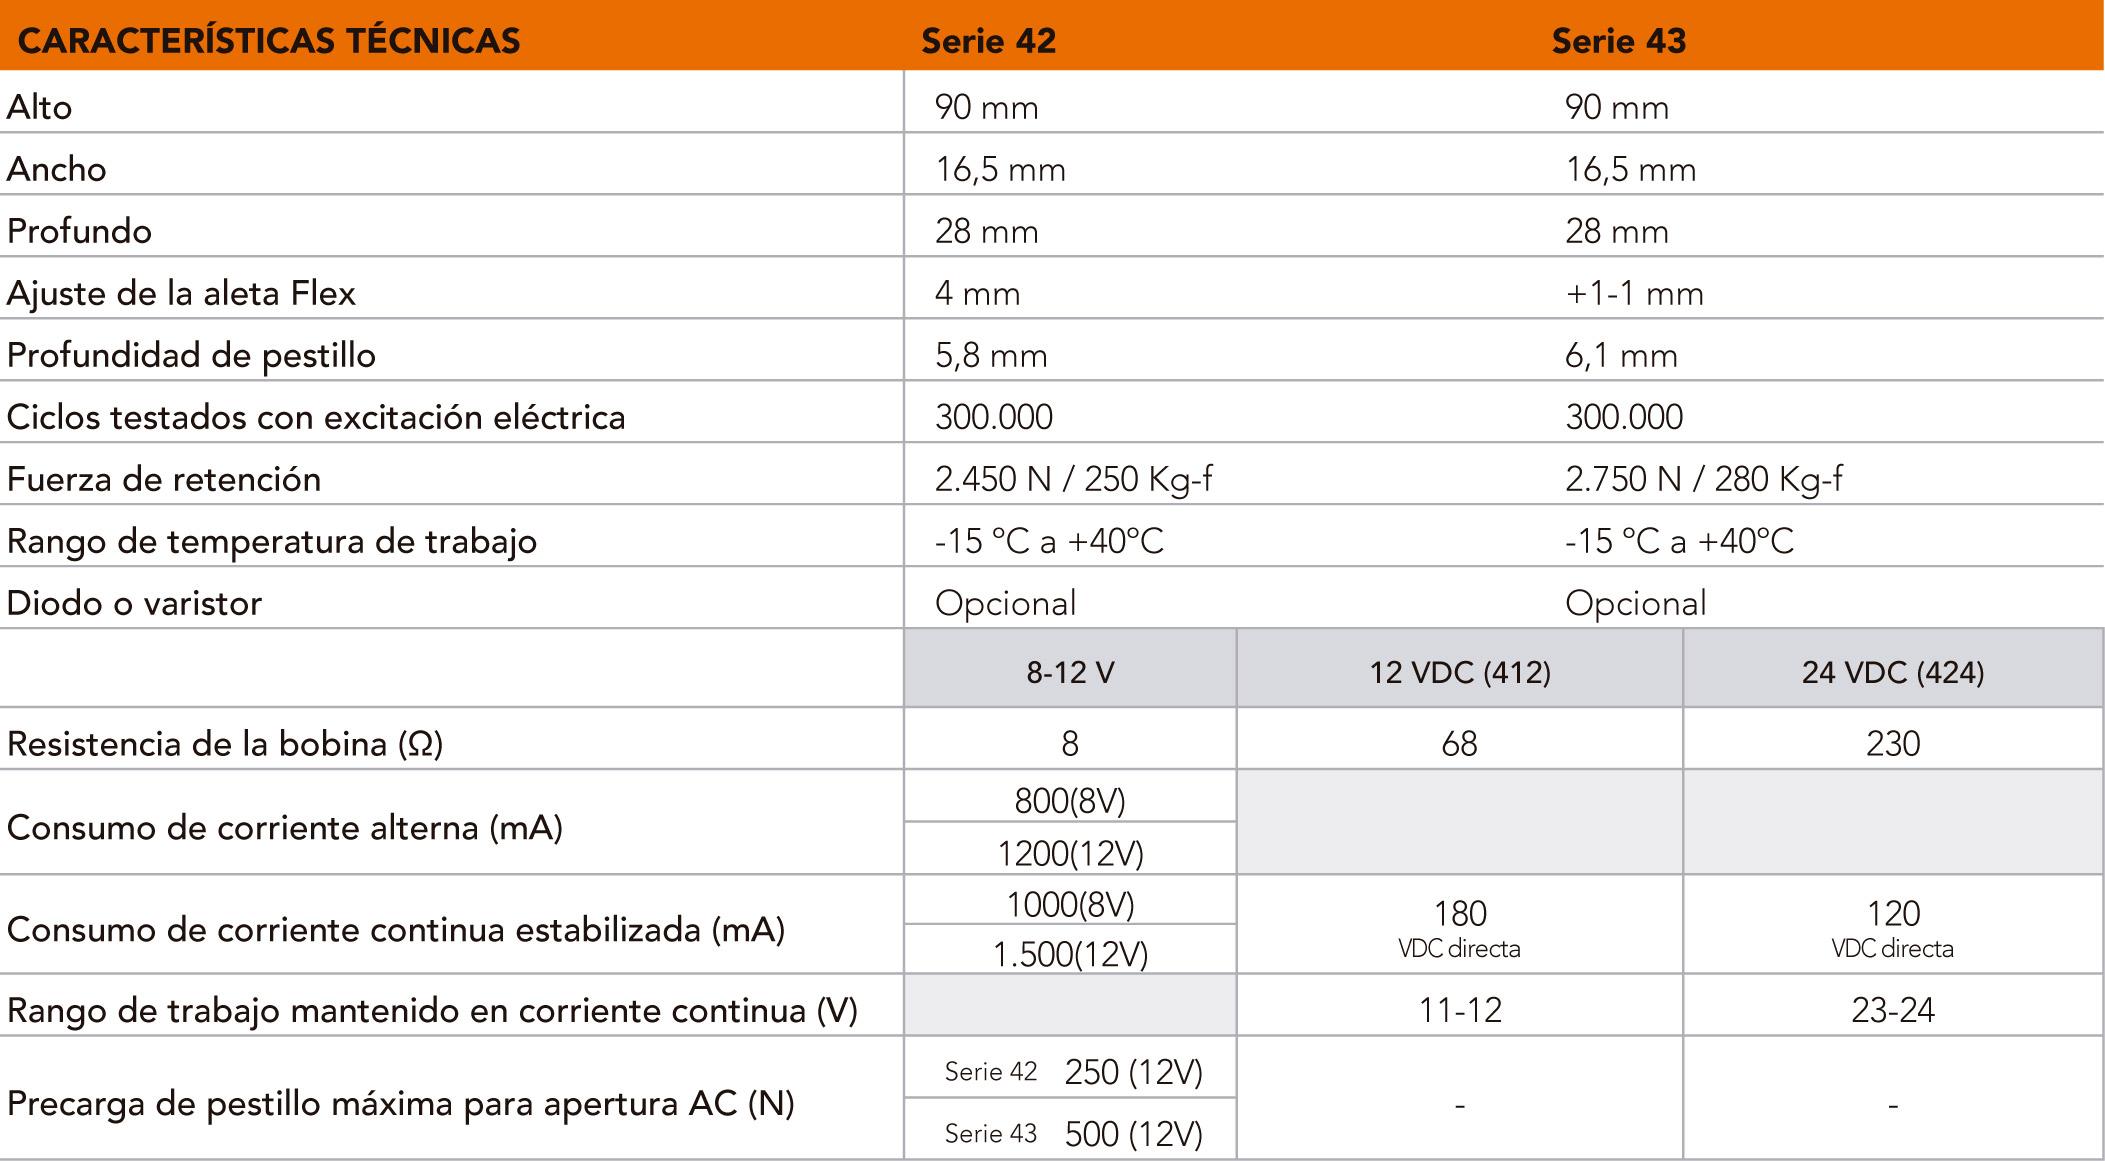 S42-43_caracteristicas